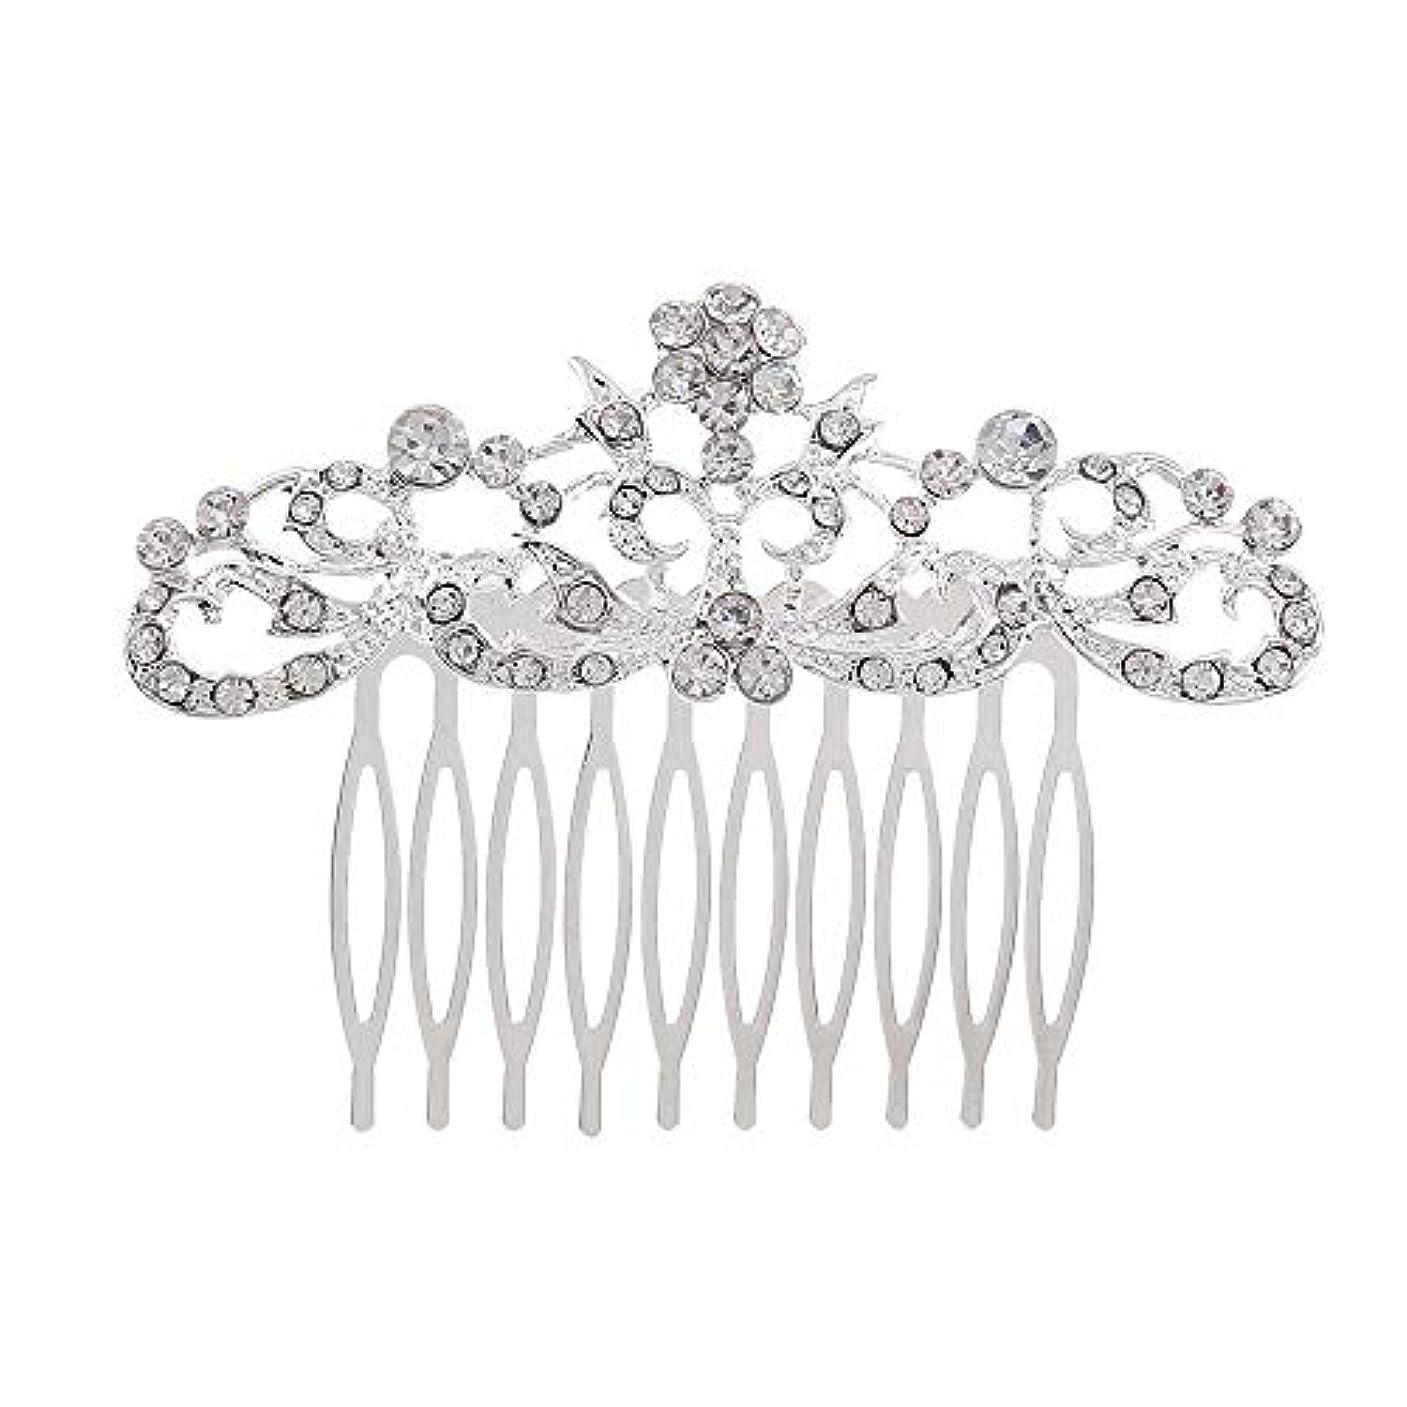 ペチコート和らげる粉砕する髪の櫛の櫛の櫛の花嫁の髪の櫛のファッションラインストーンの櫛の櫛の花嫁の頭飾りの結婚式のアクセサリー